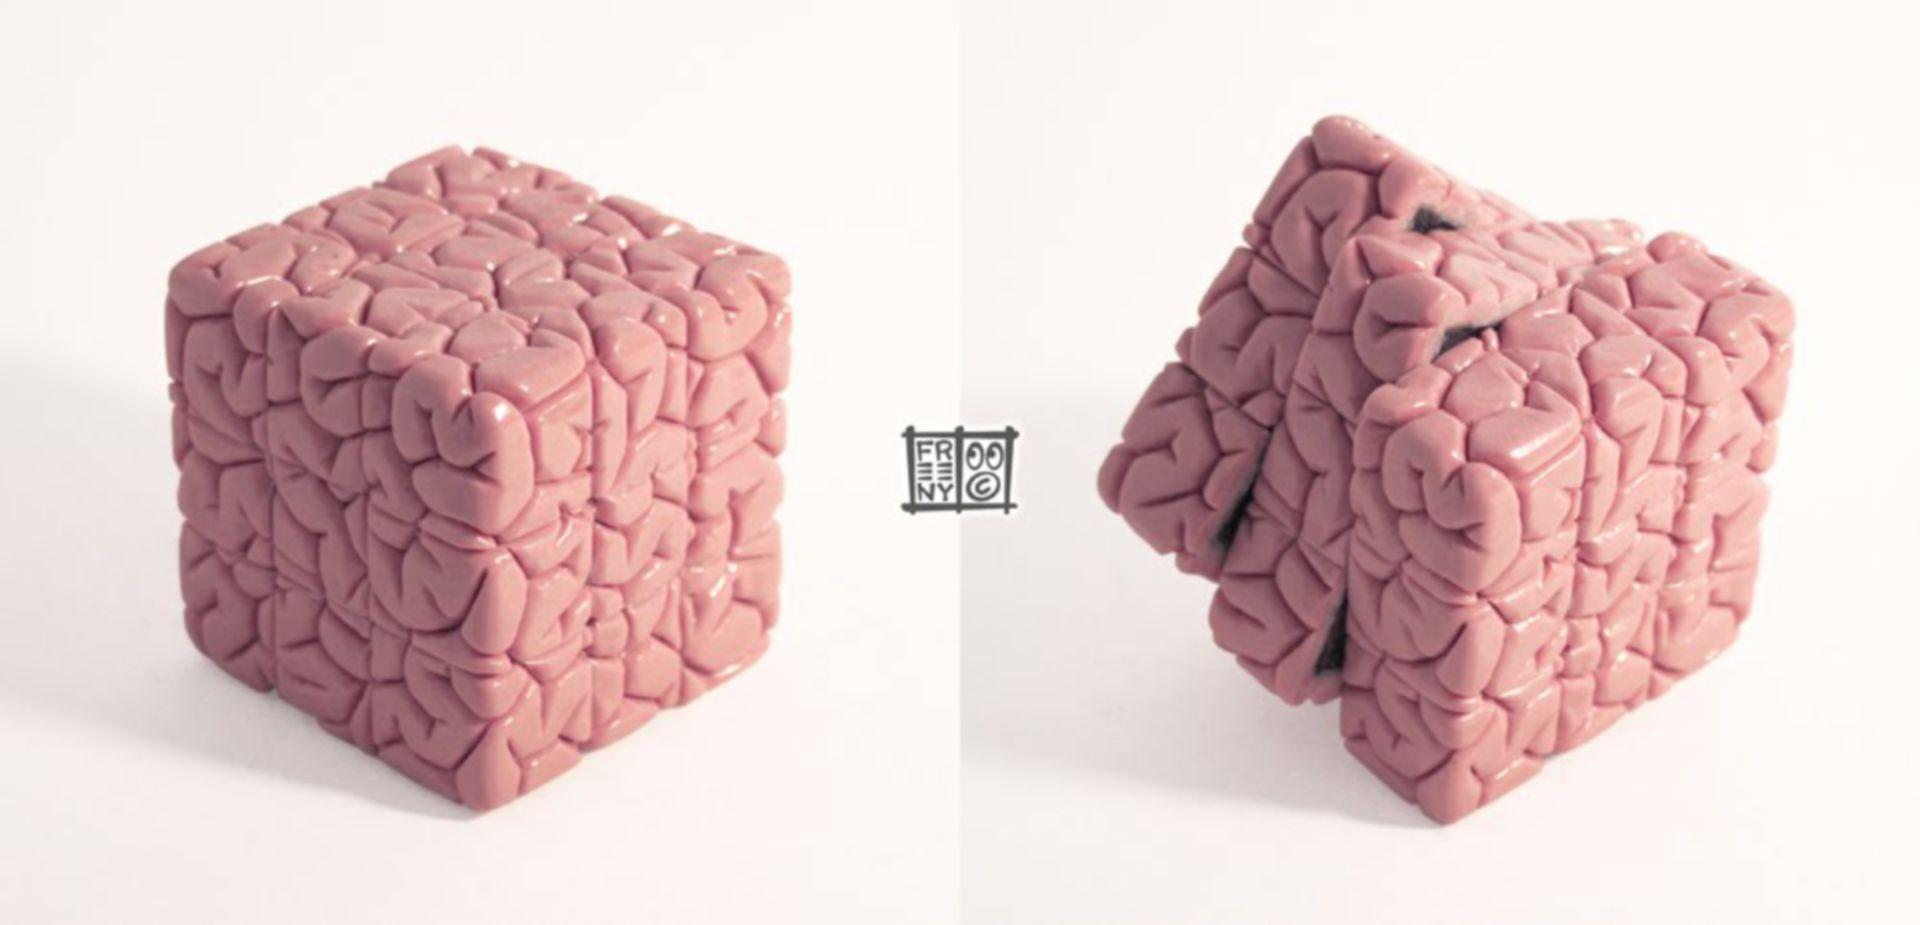 BrainCube 1000